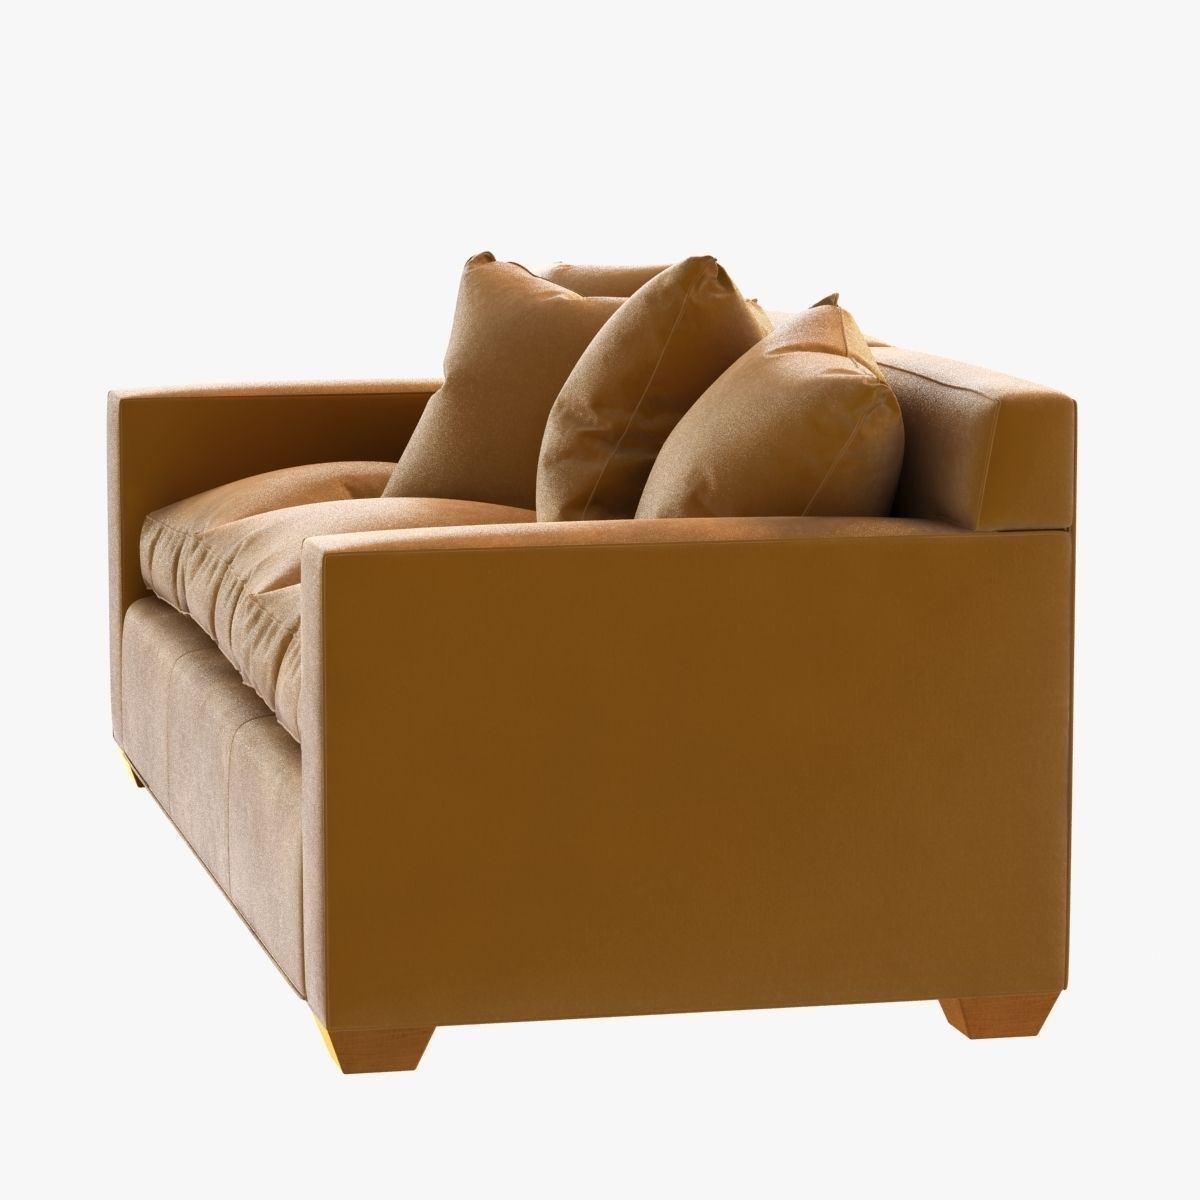 ... Jean Michel Frank Tight Back Sofa 3d Model Max Obj Fbx Mtl 4 ...